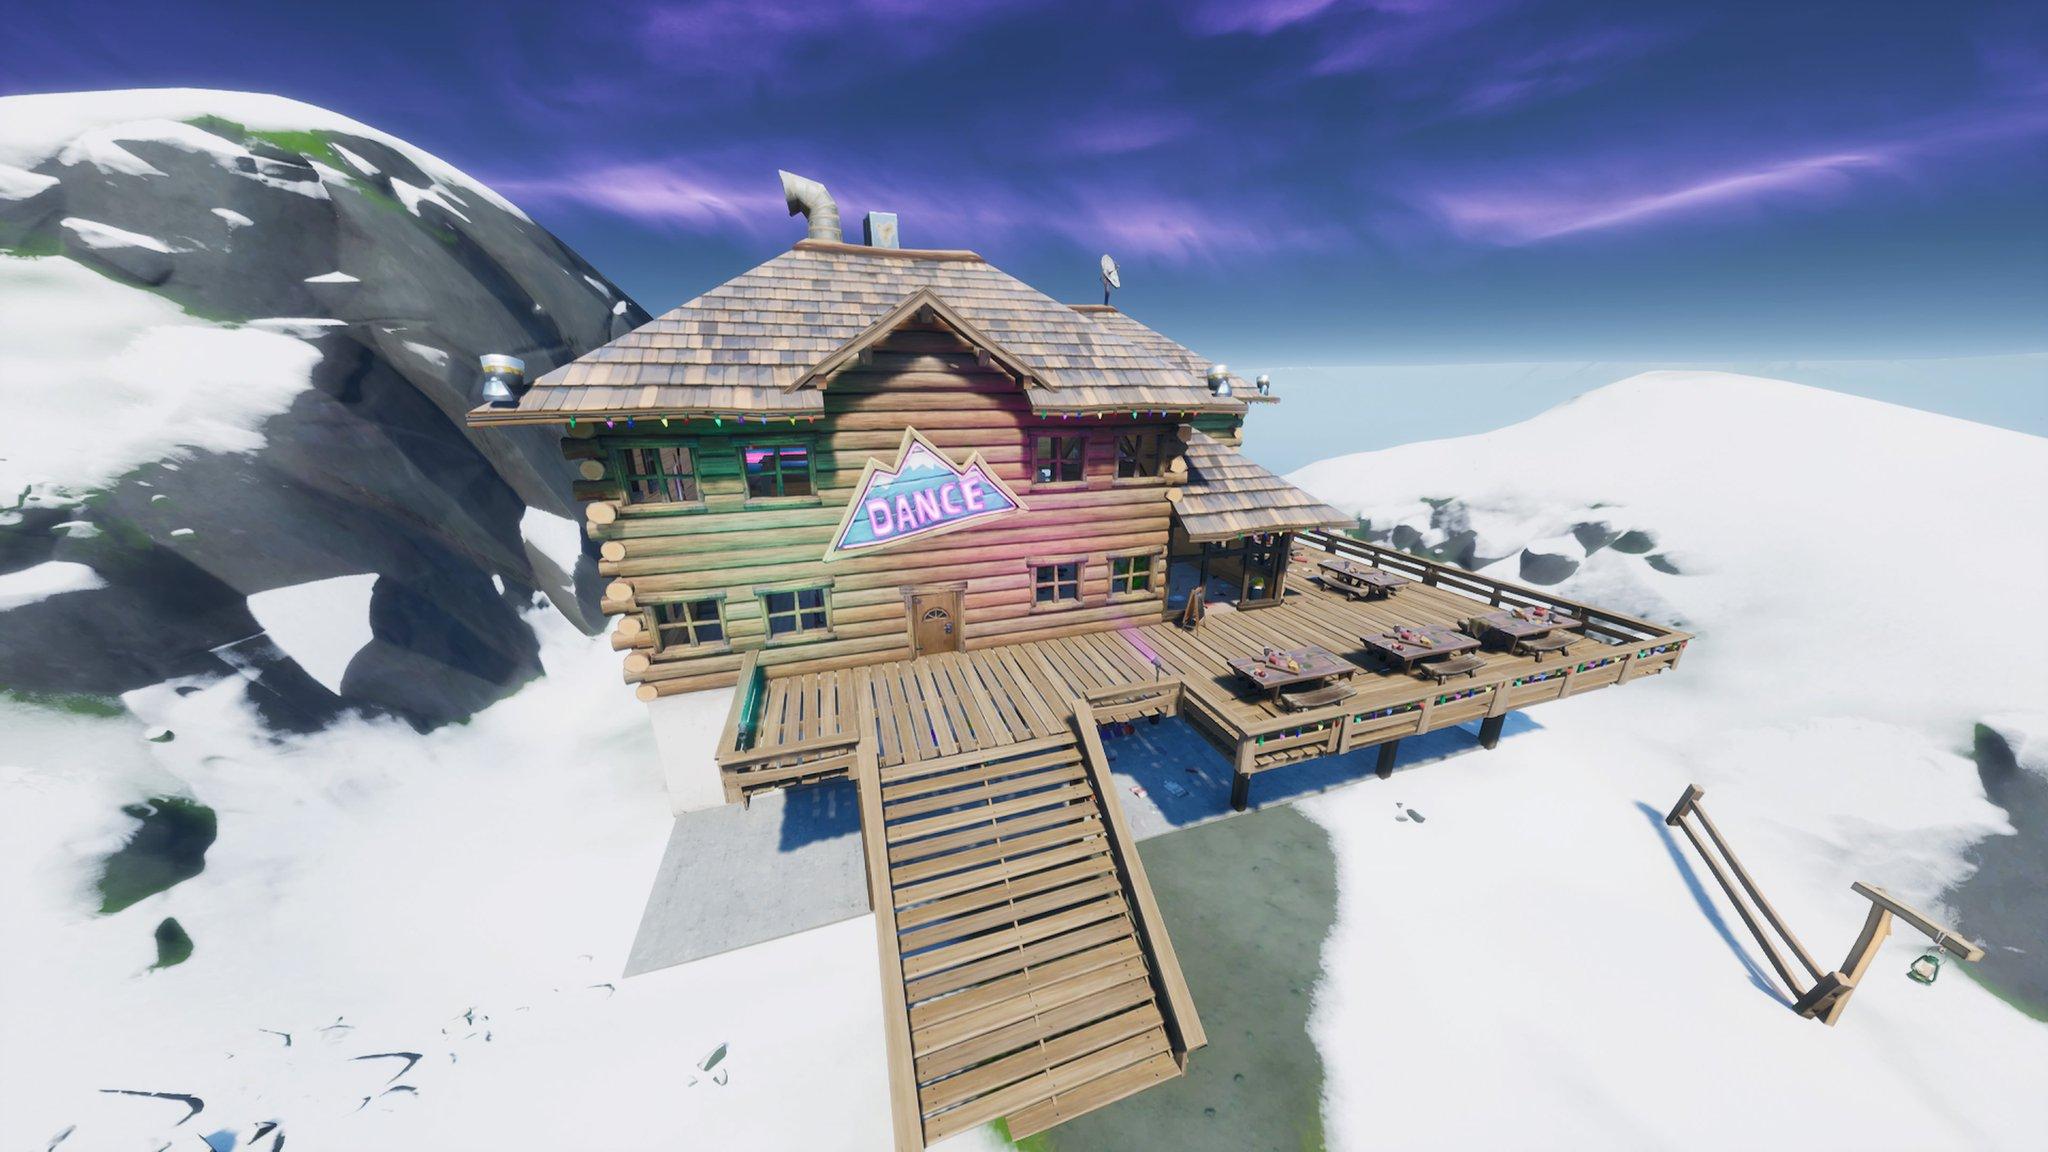 フォート ナイト アプレ スキー 場所